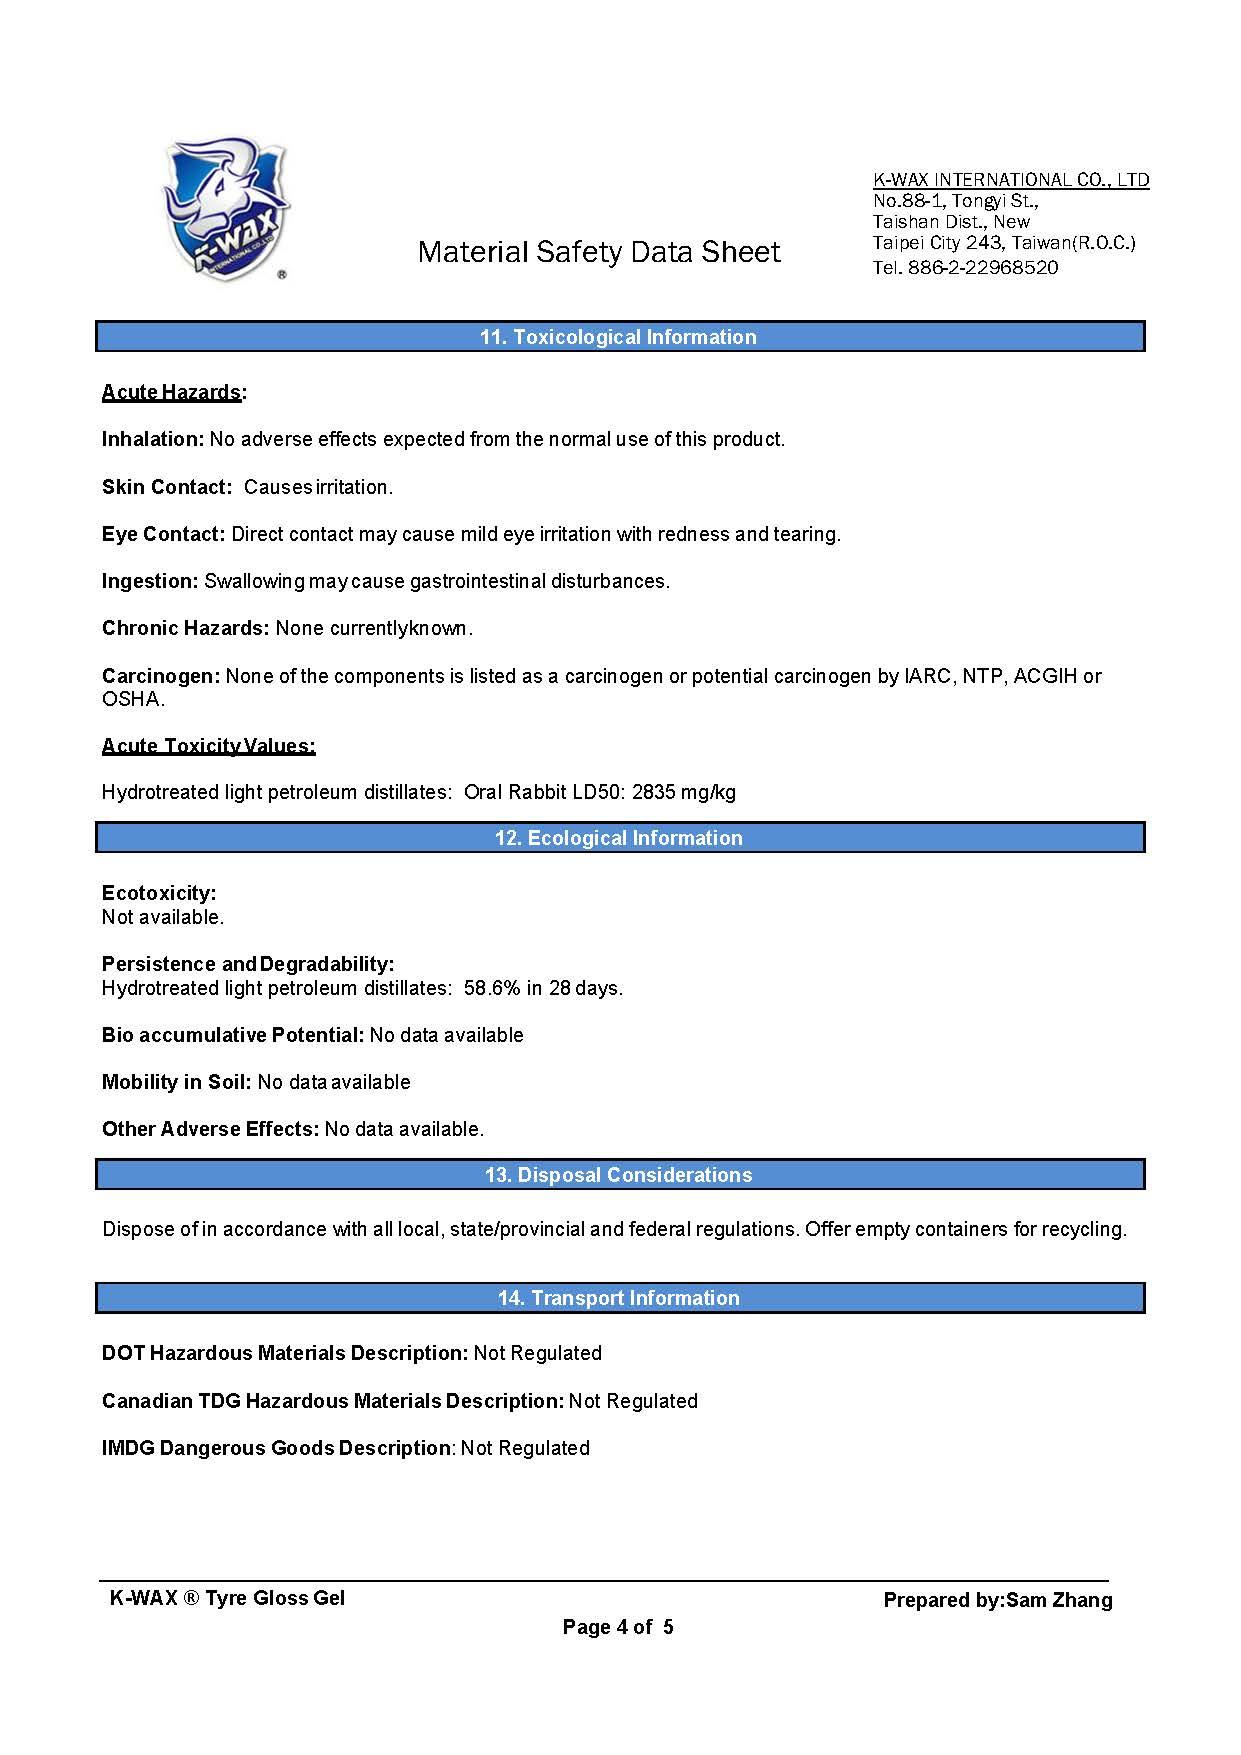 輪胎光澤劑 MSDS_页面_4.jpg